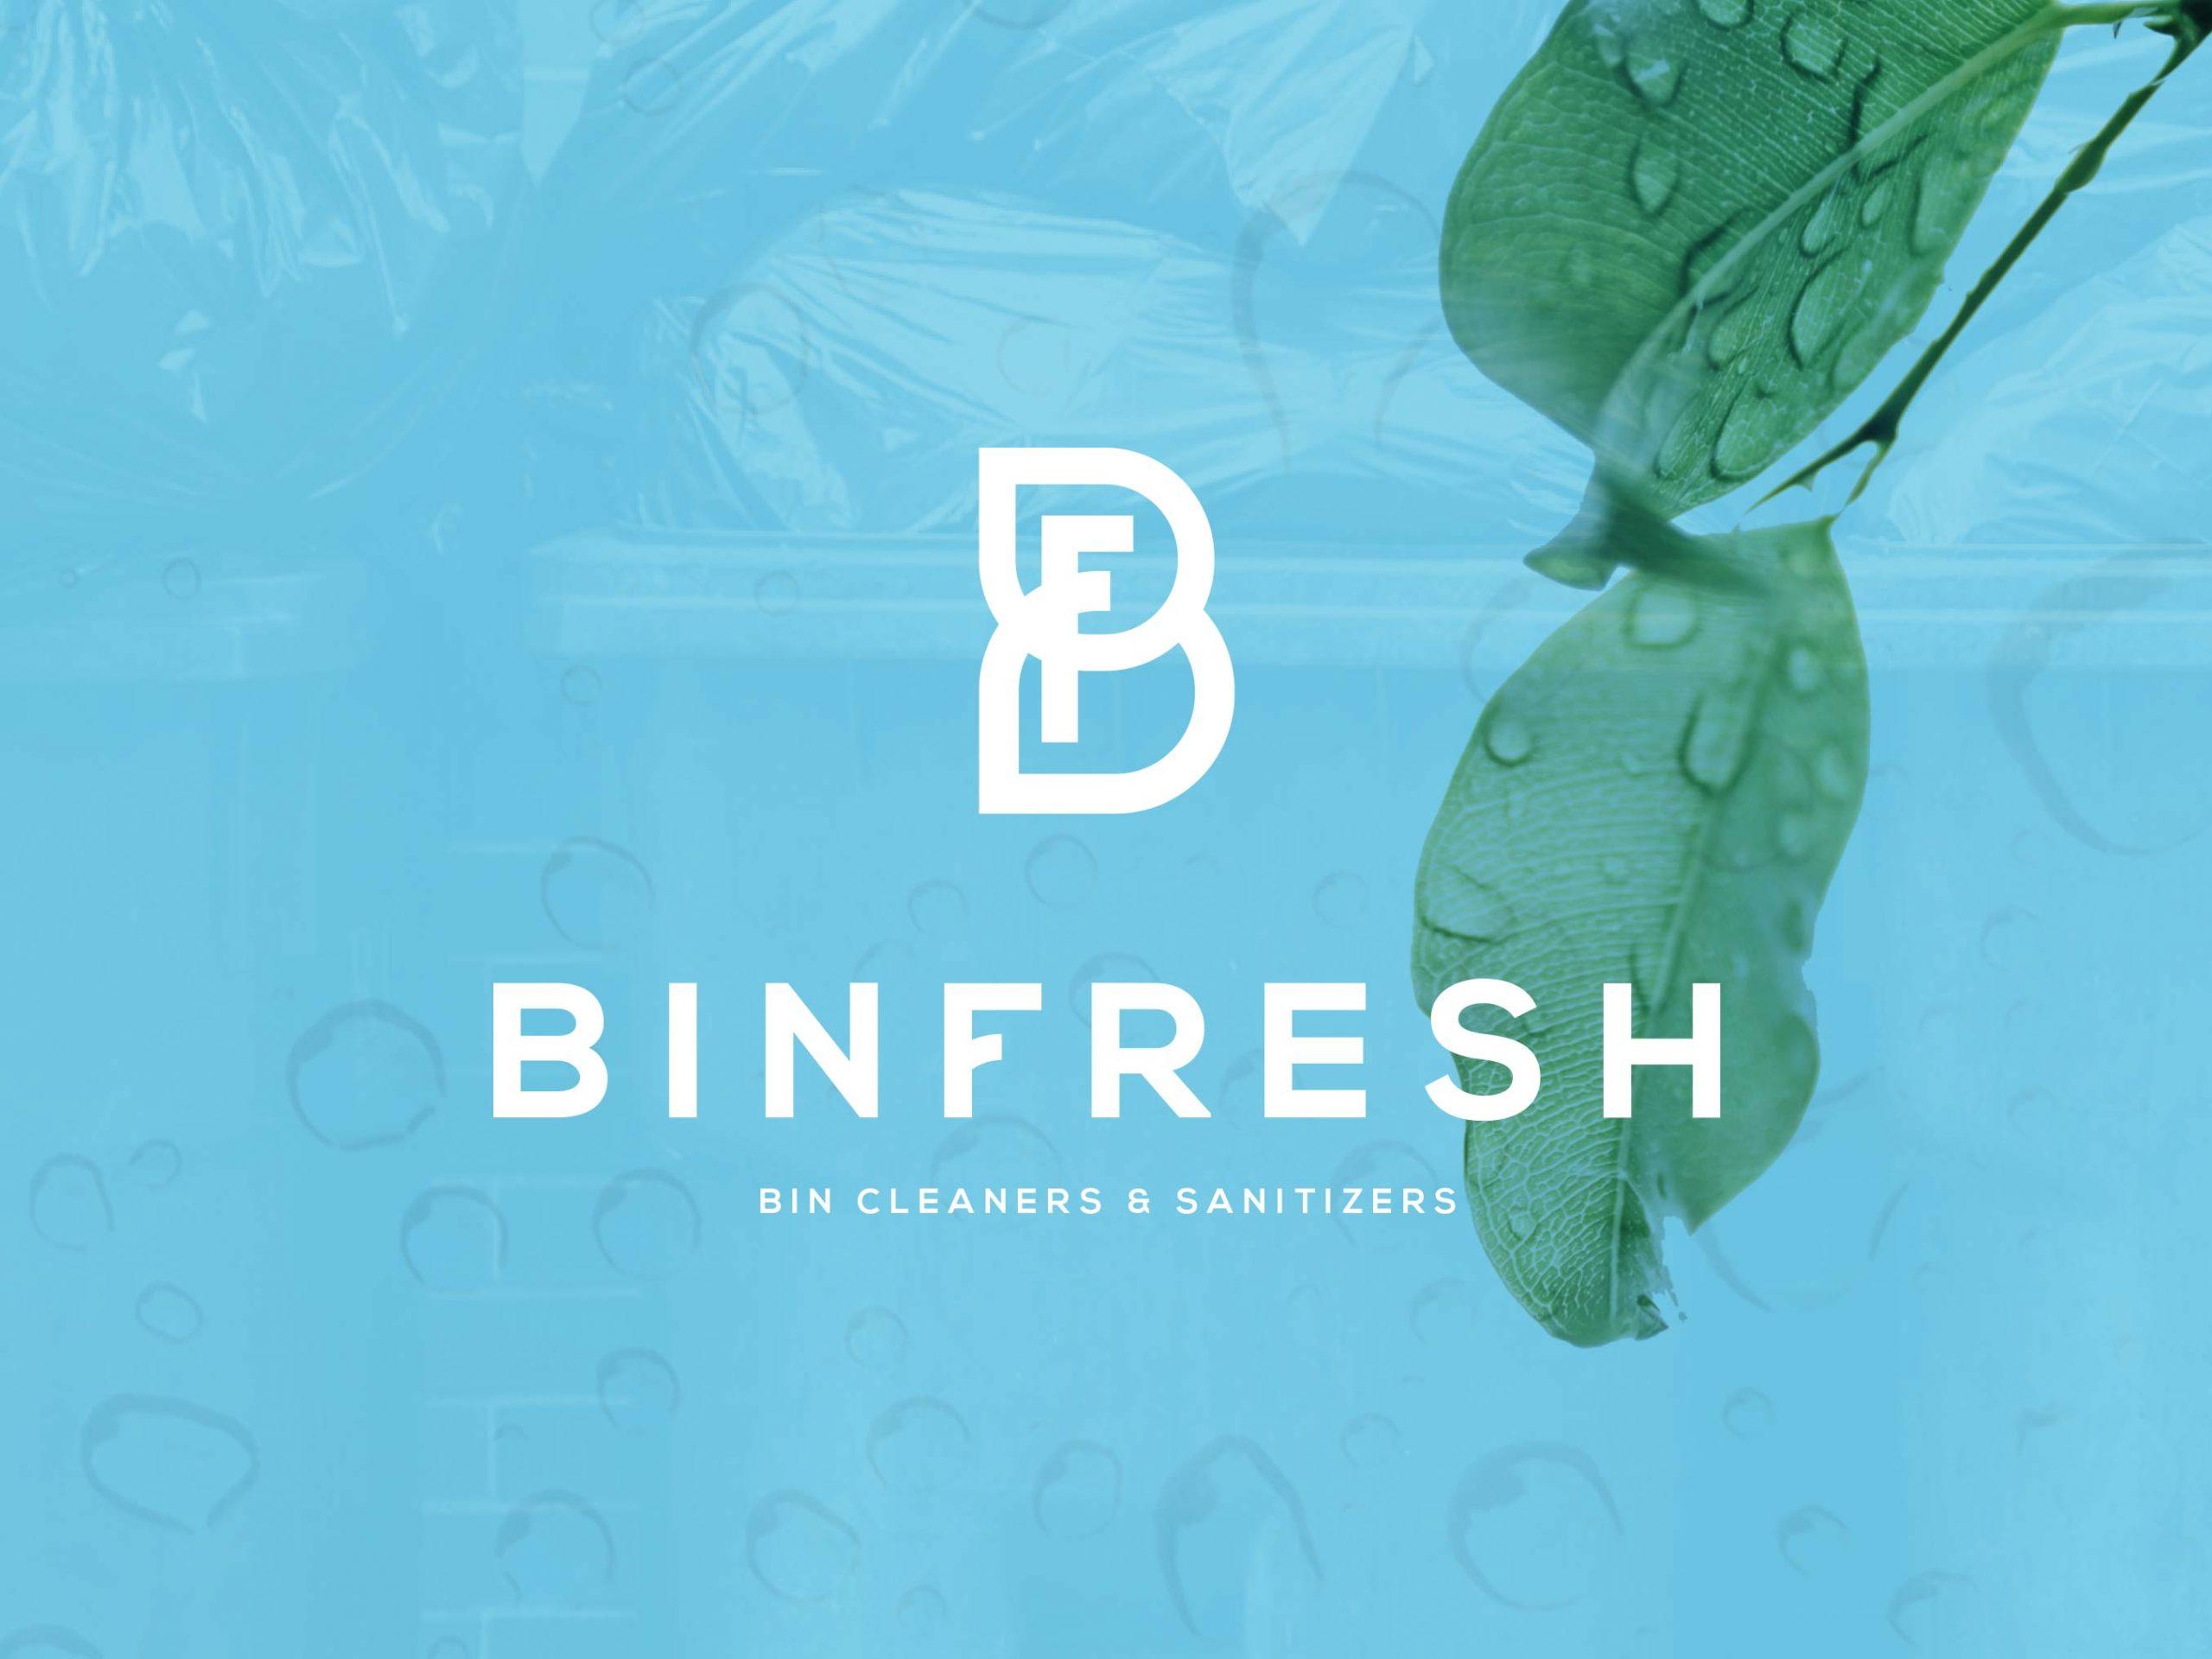 Binfresh-Lethbridge-Logo-Design-by-Hybrid-Media-YQL